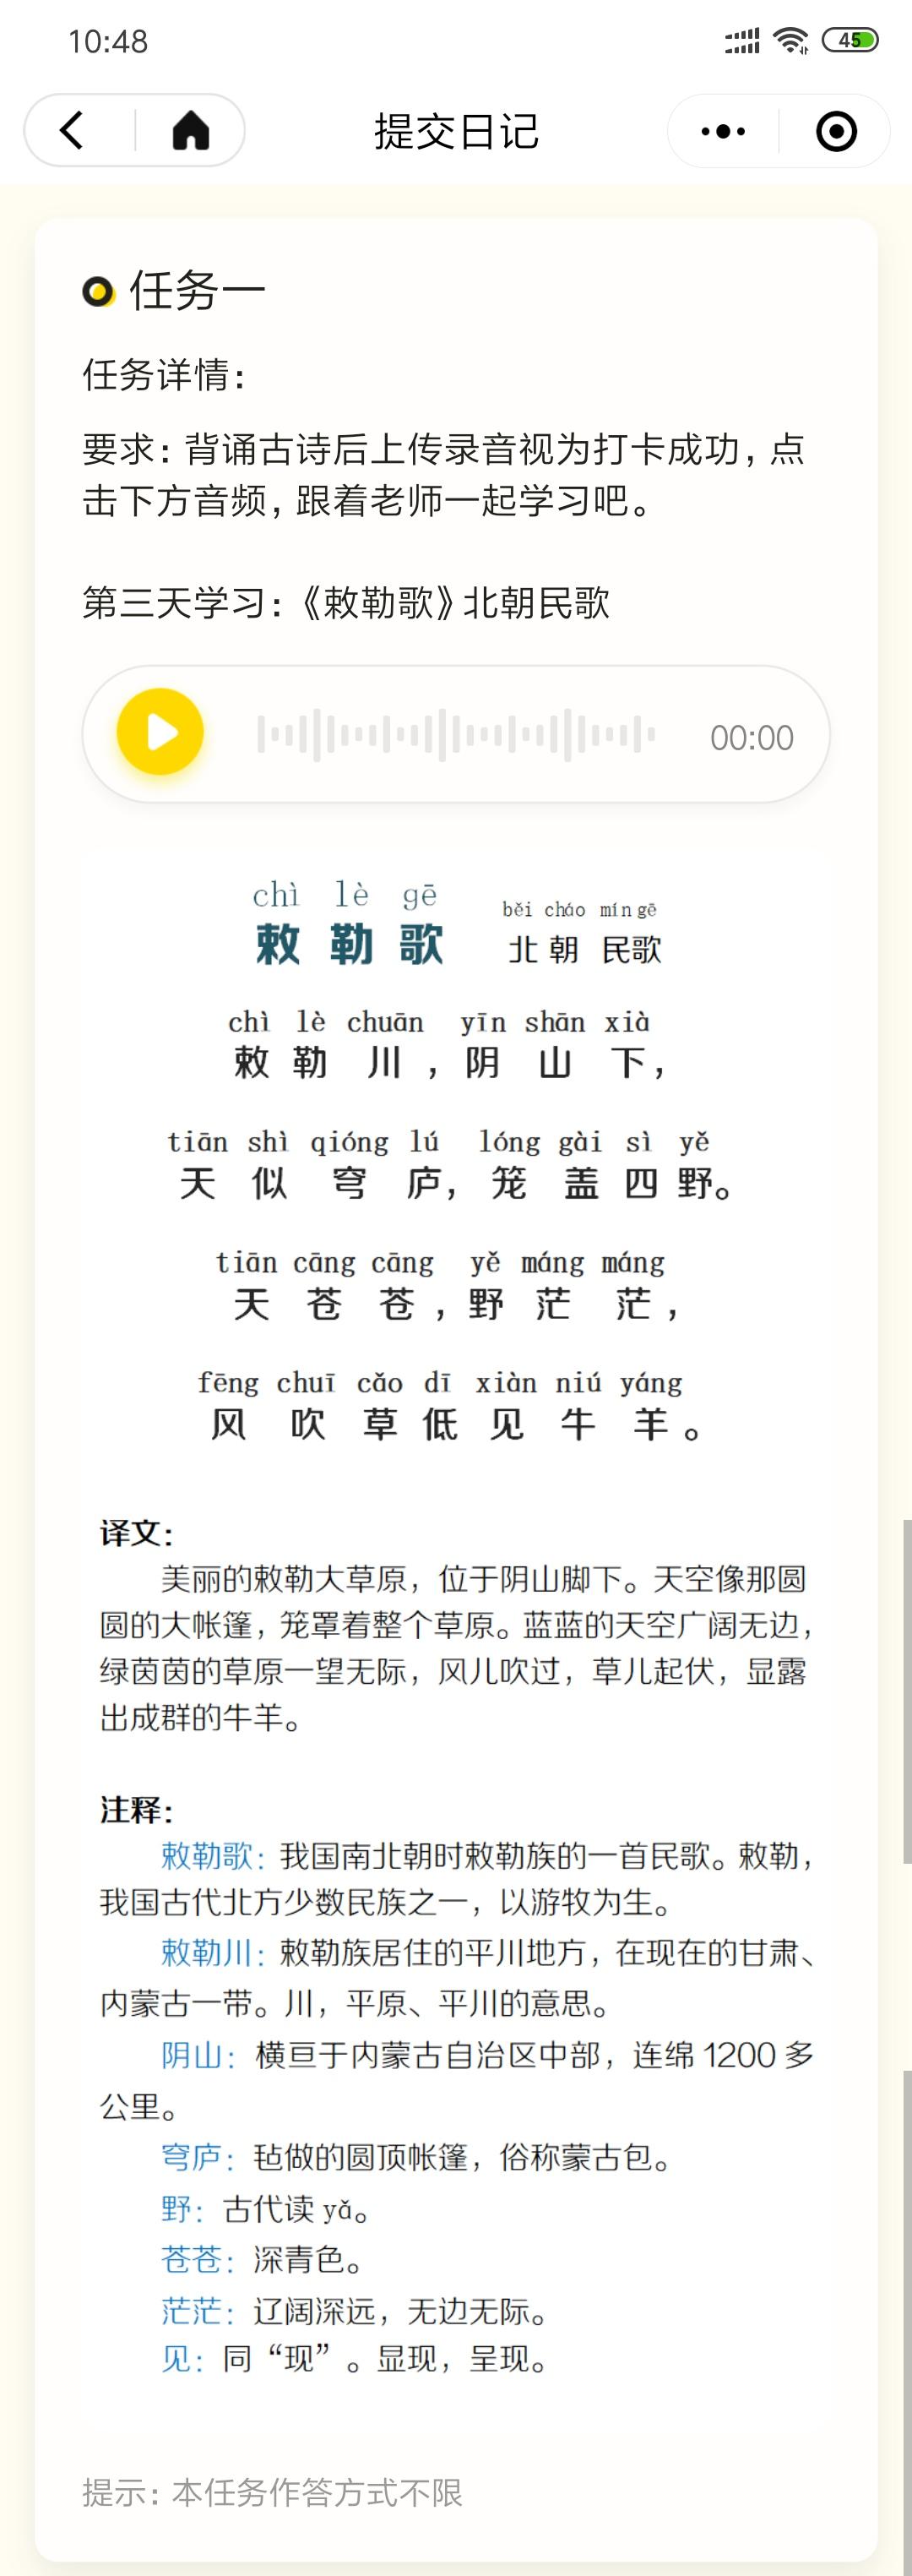 Screenshot_2019-11-15-10-48-13-114_com.tencent.mm.png